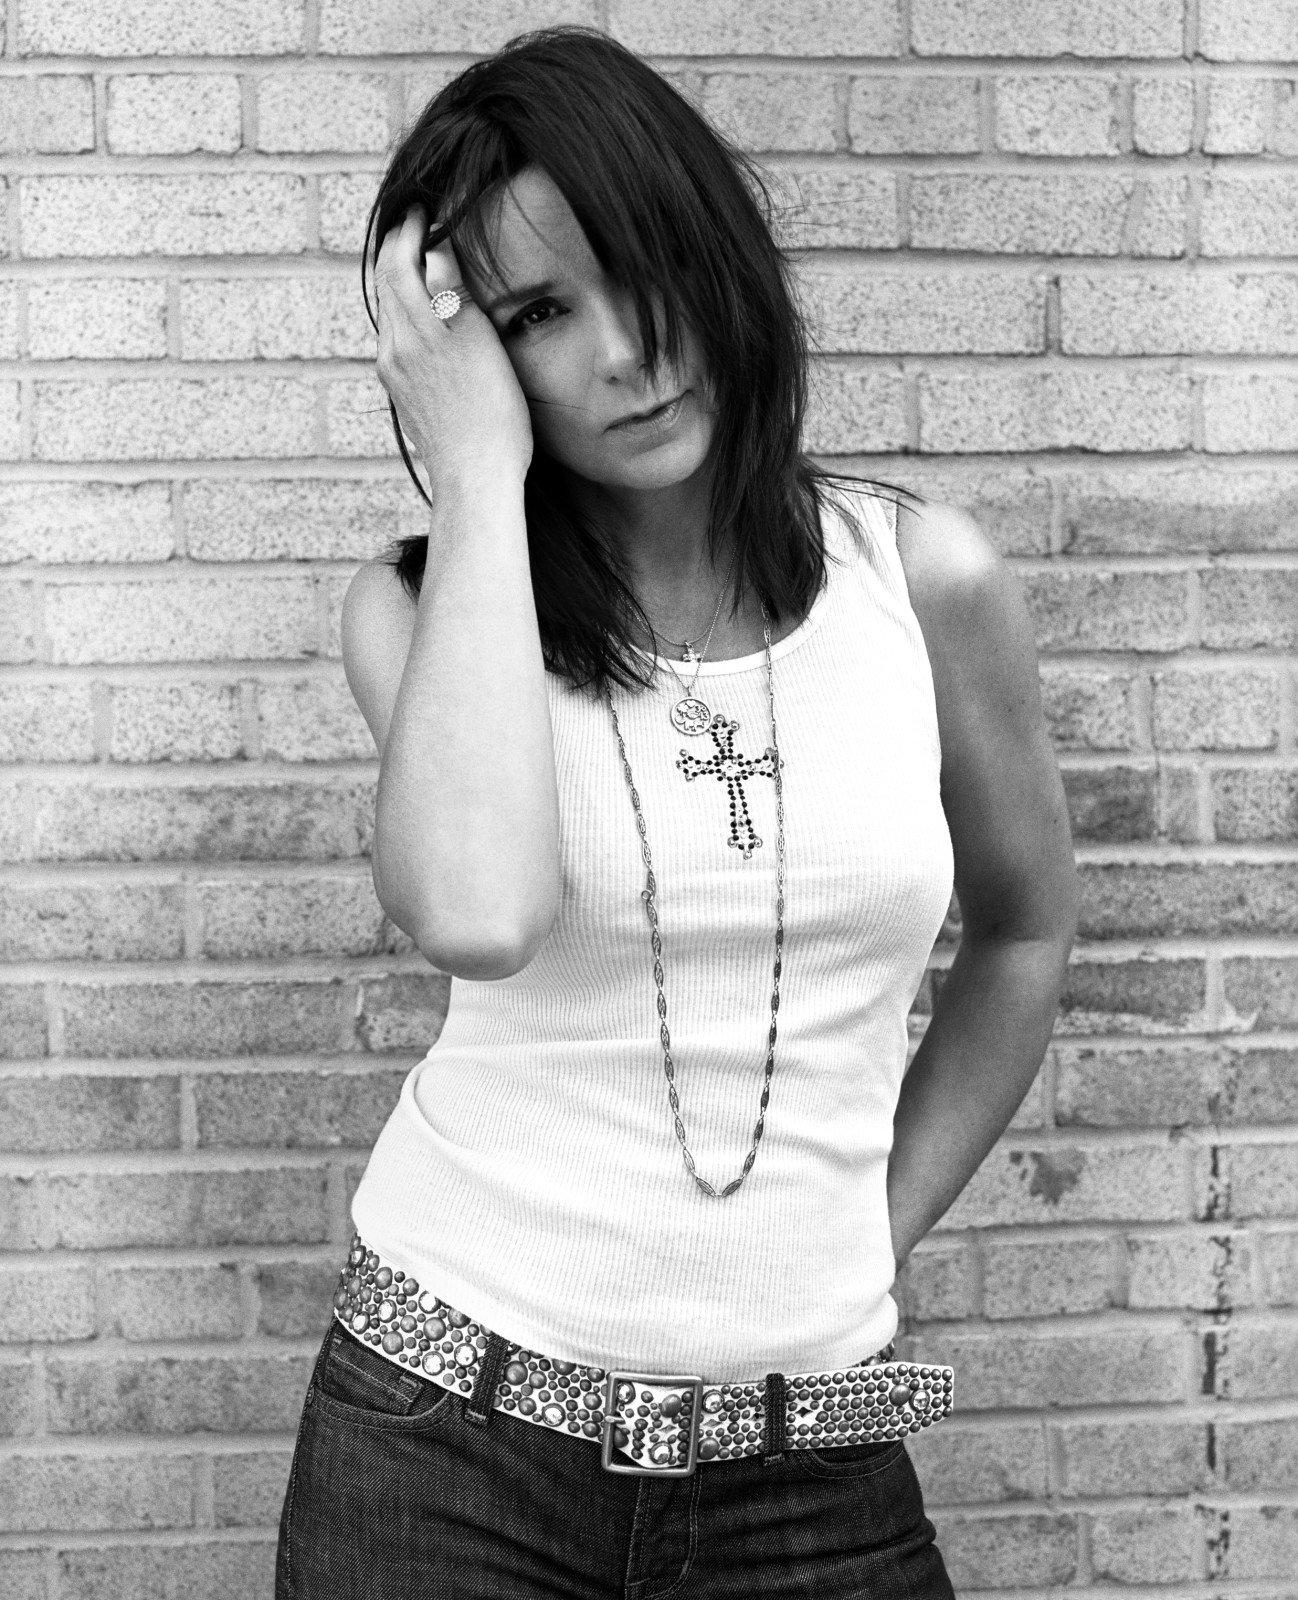 Warrior Scandal: Patty Smyth Song Lyrics